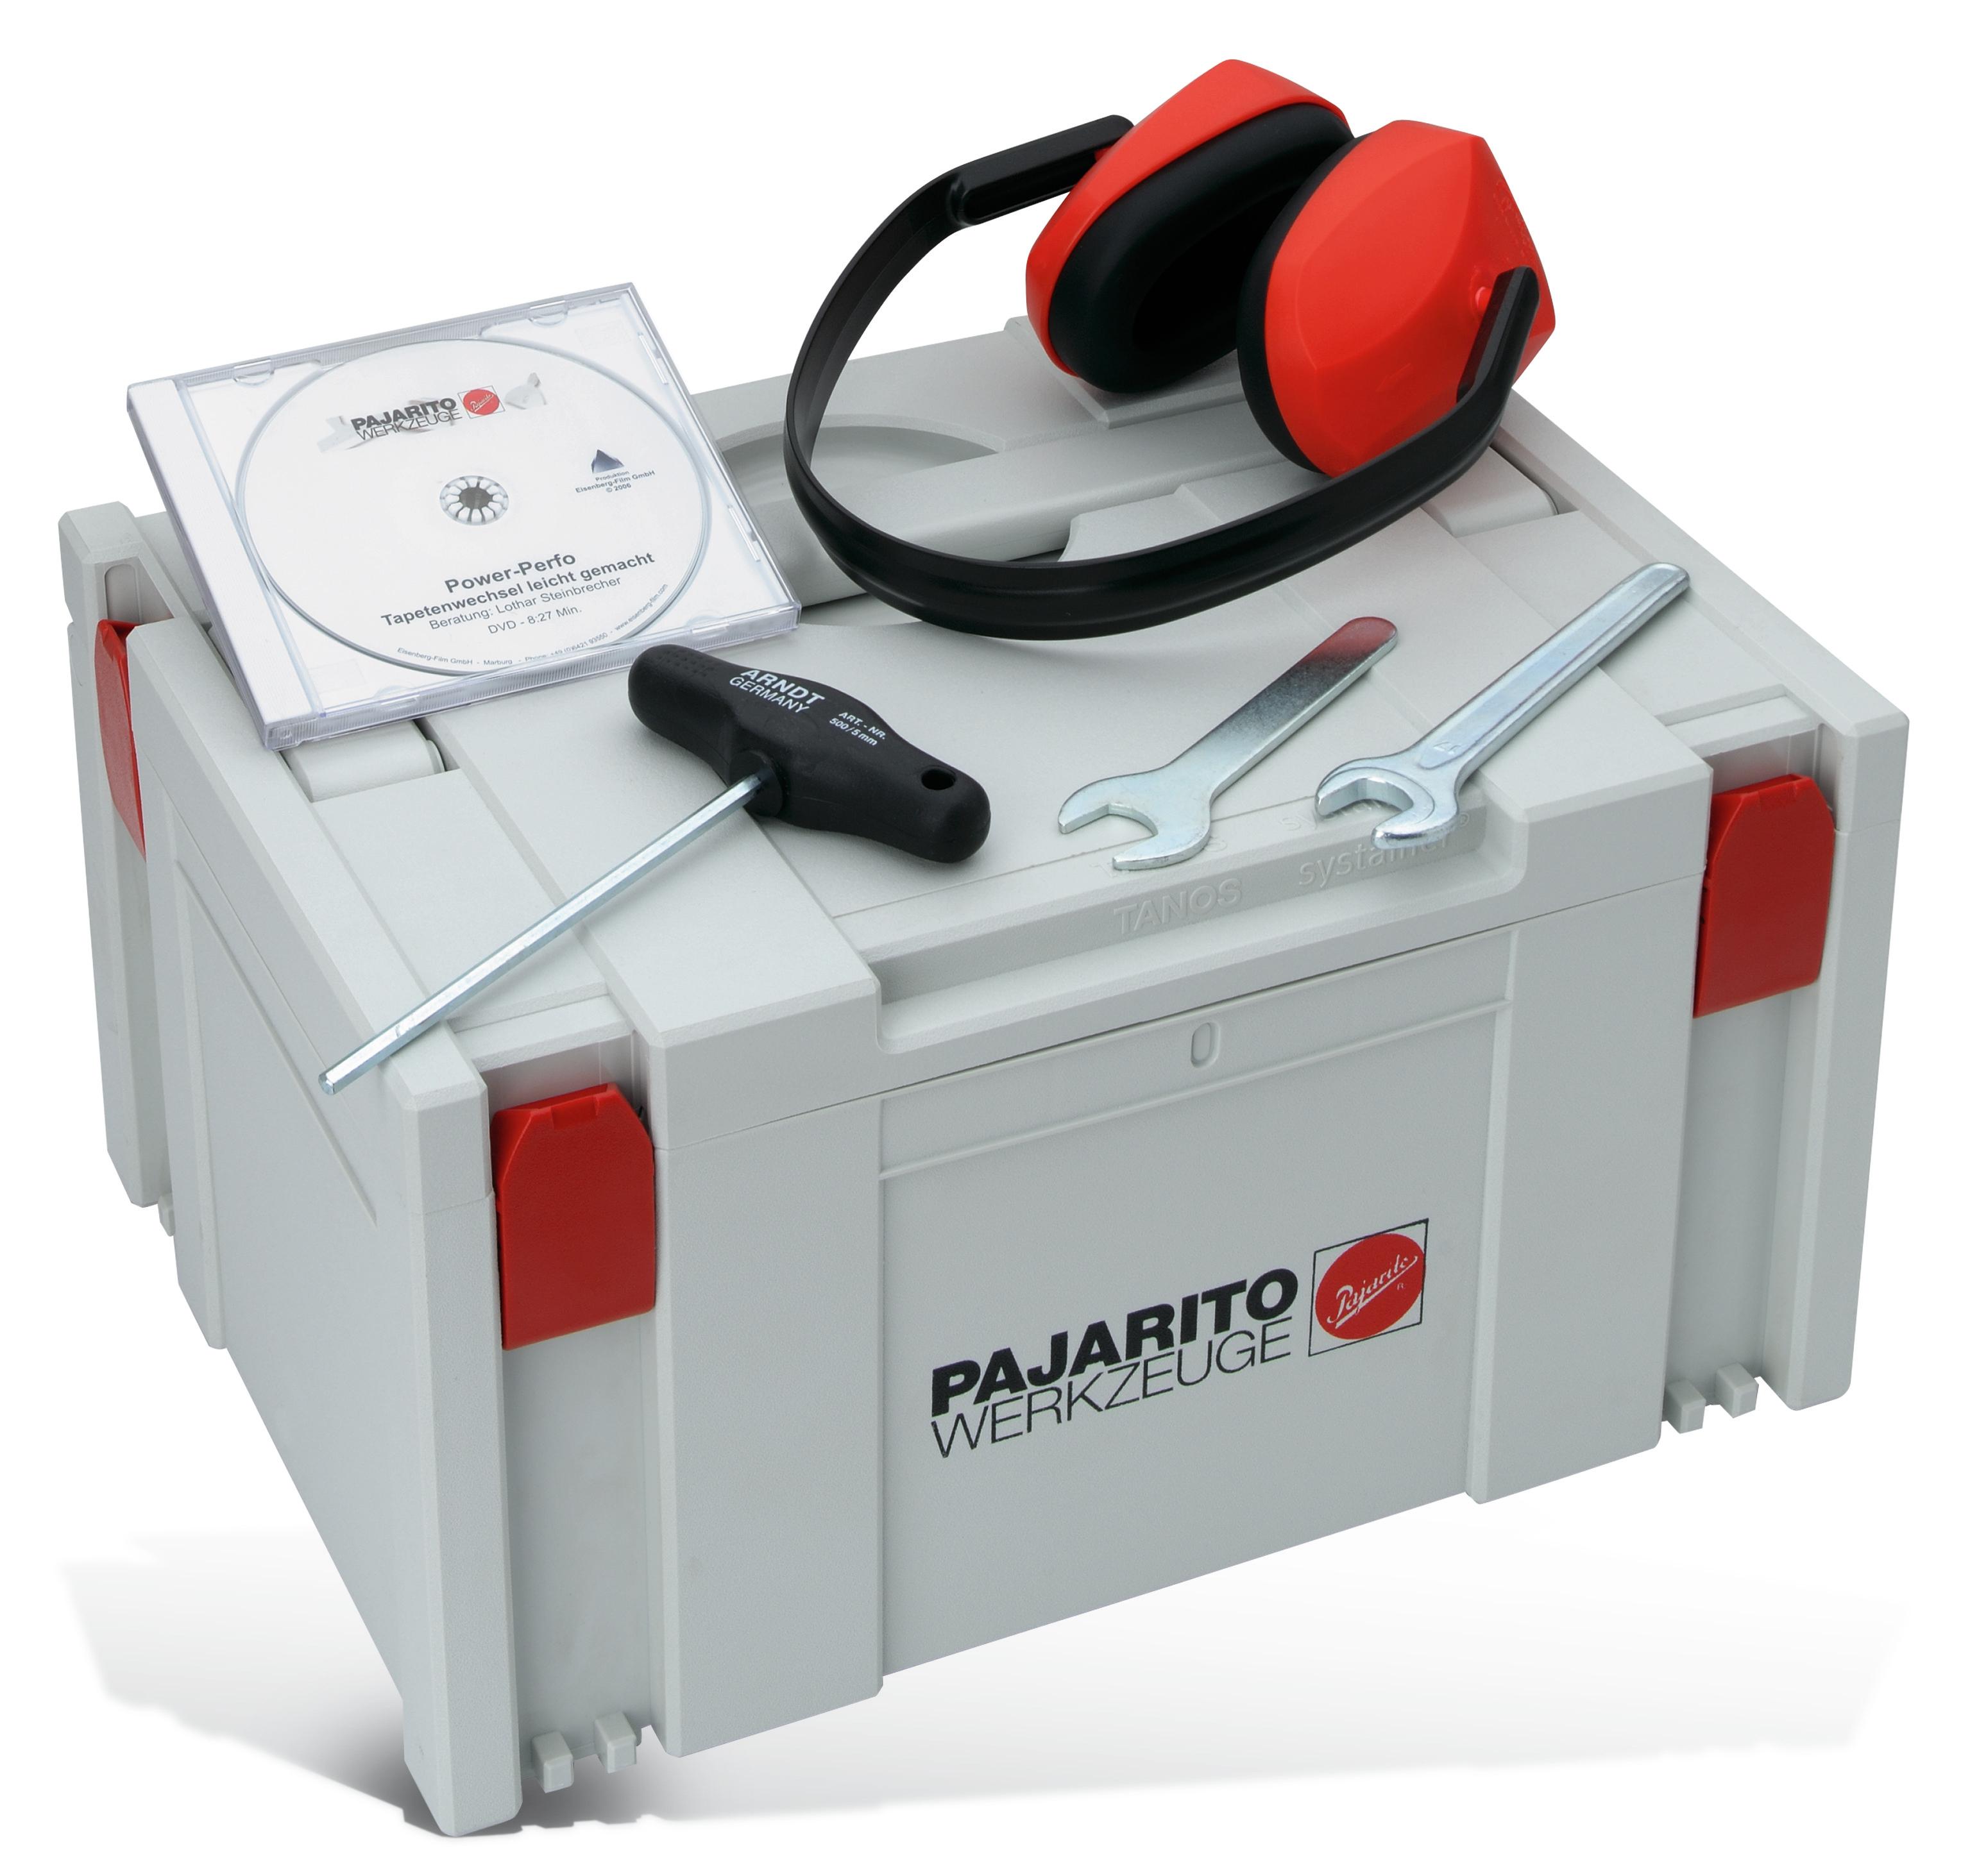 Ersatzrädchen für Power-Perfo Pajarito